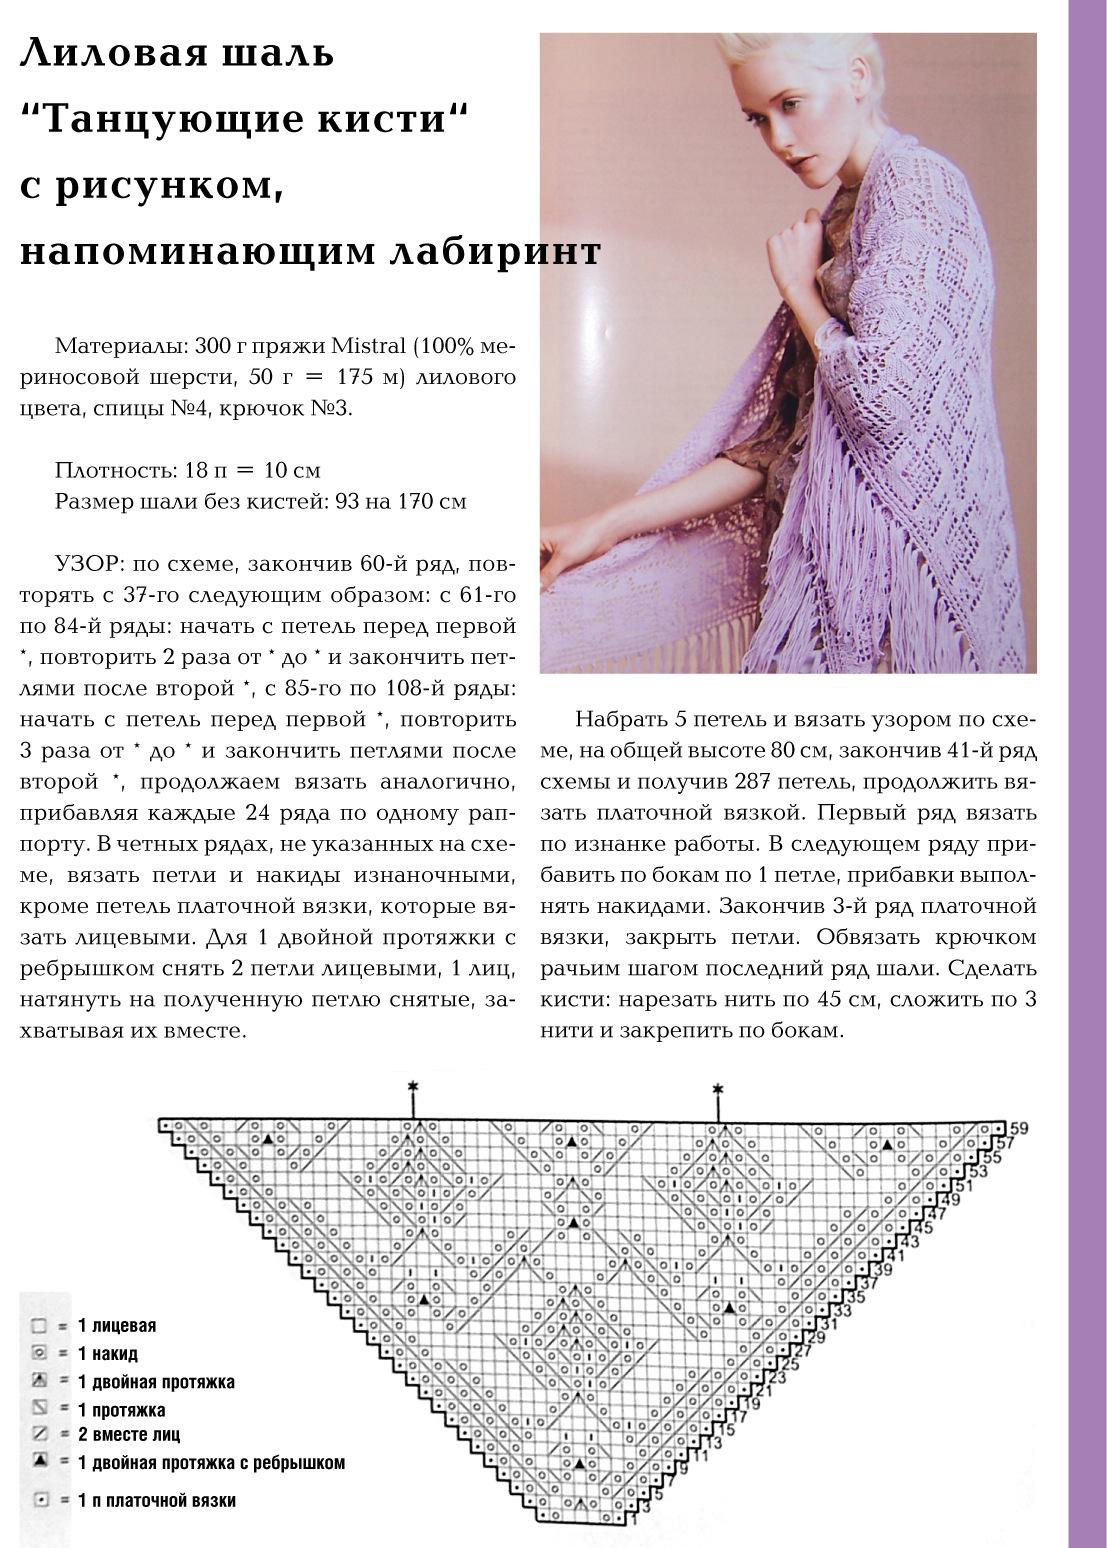 Вязание шали спицами схемы несложные